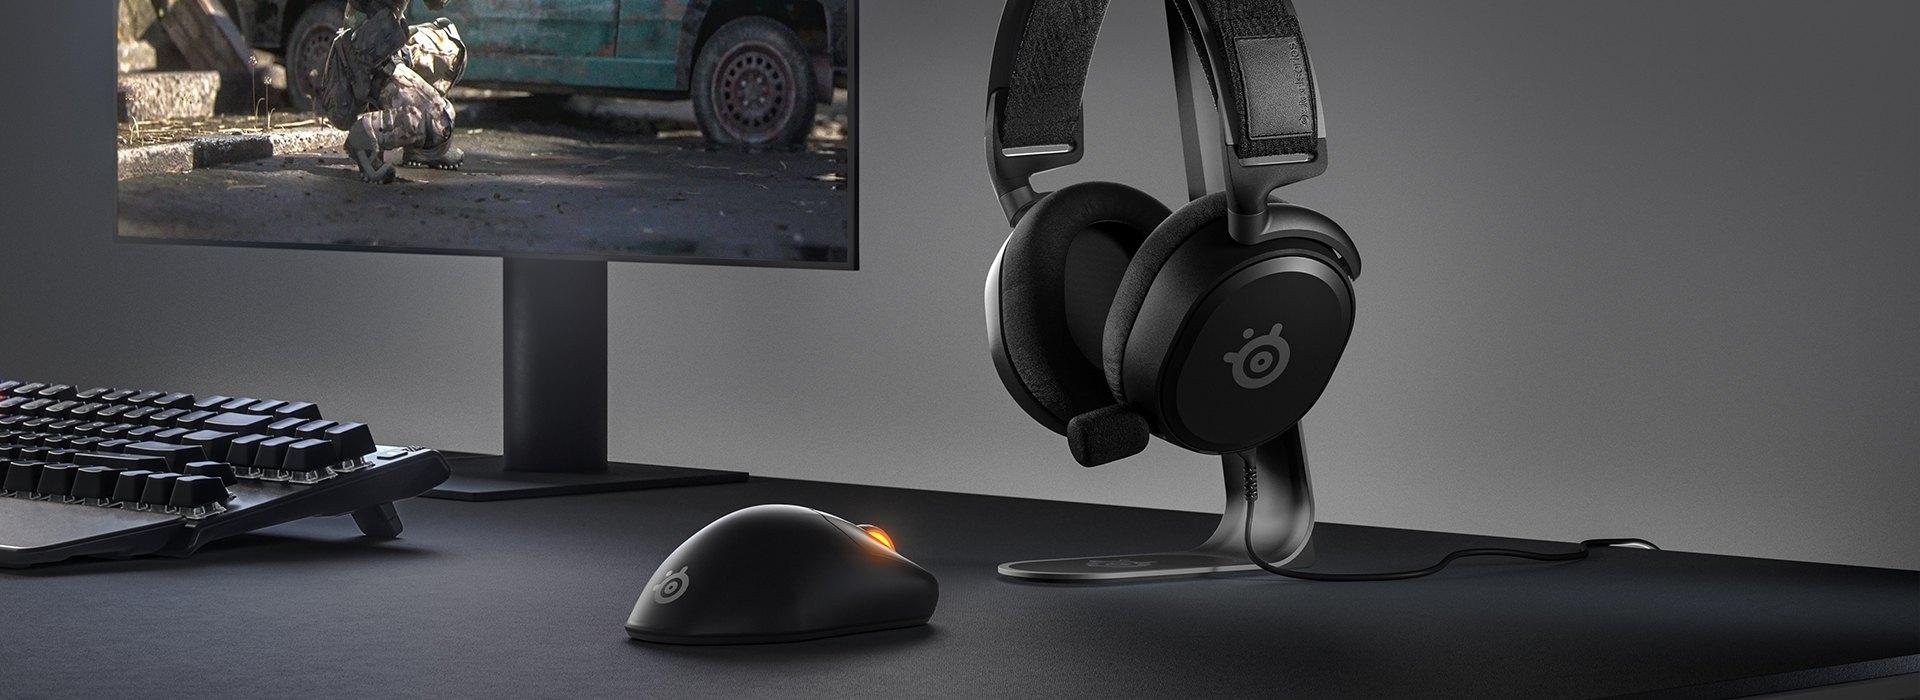 """Ein cooles Schreibtisch-Setup mit """"Prime""""-Maus und -Headset."""